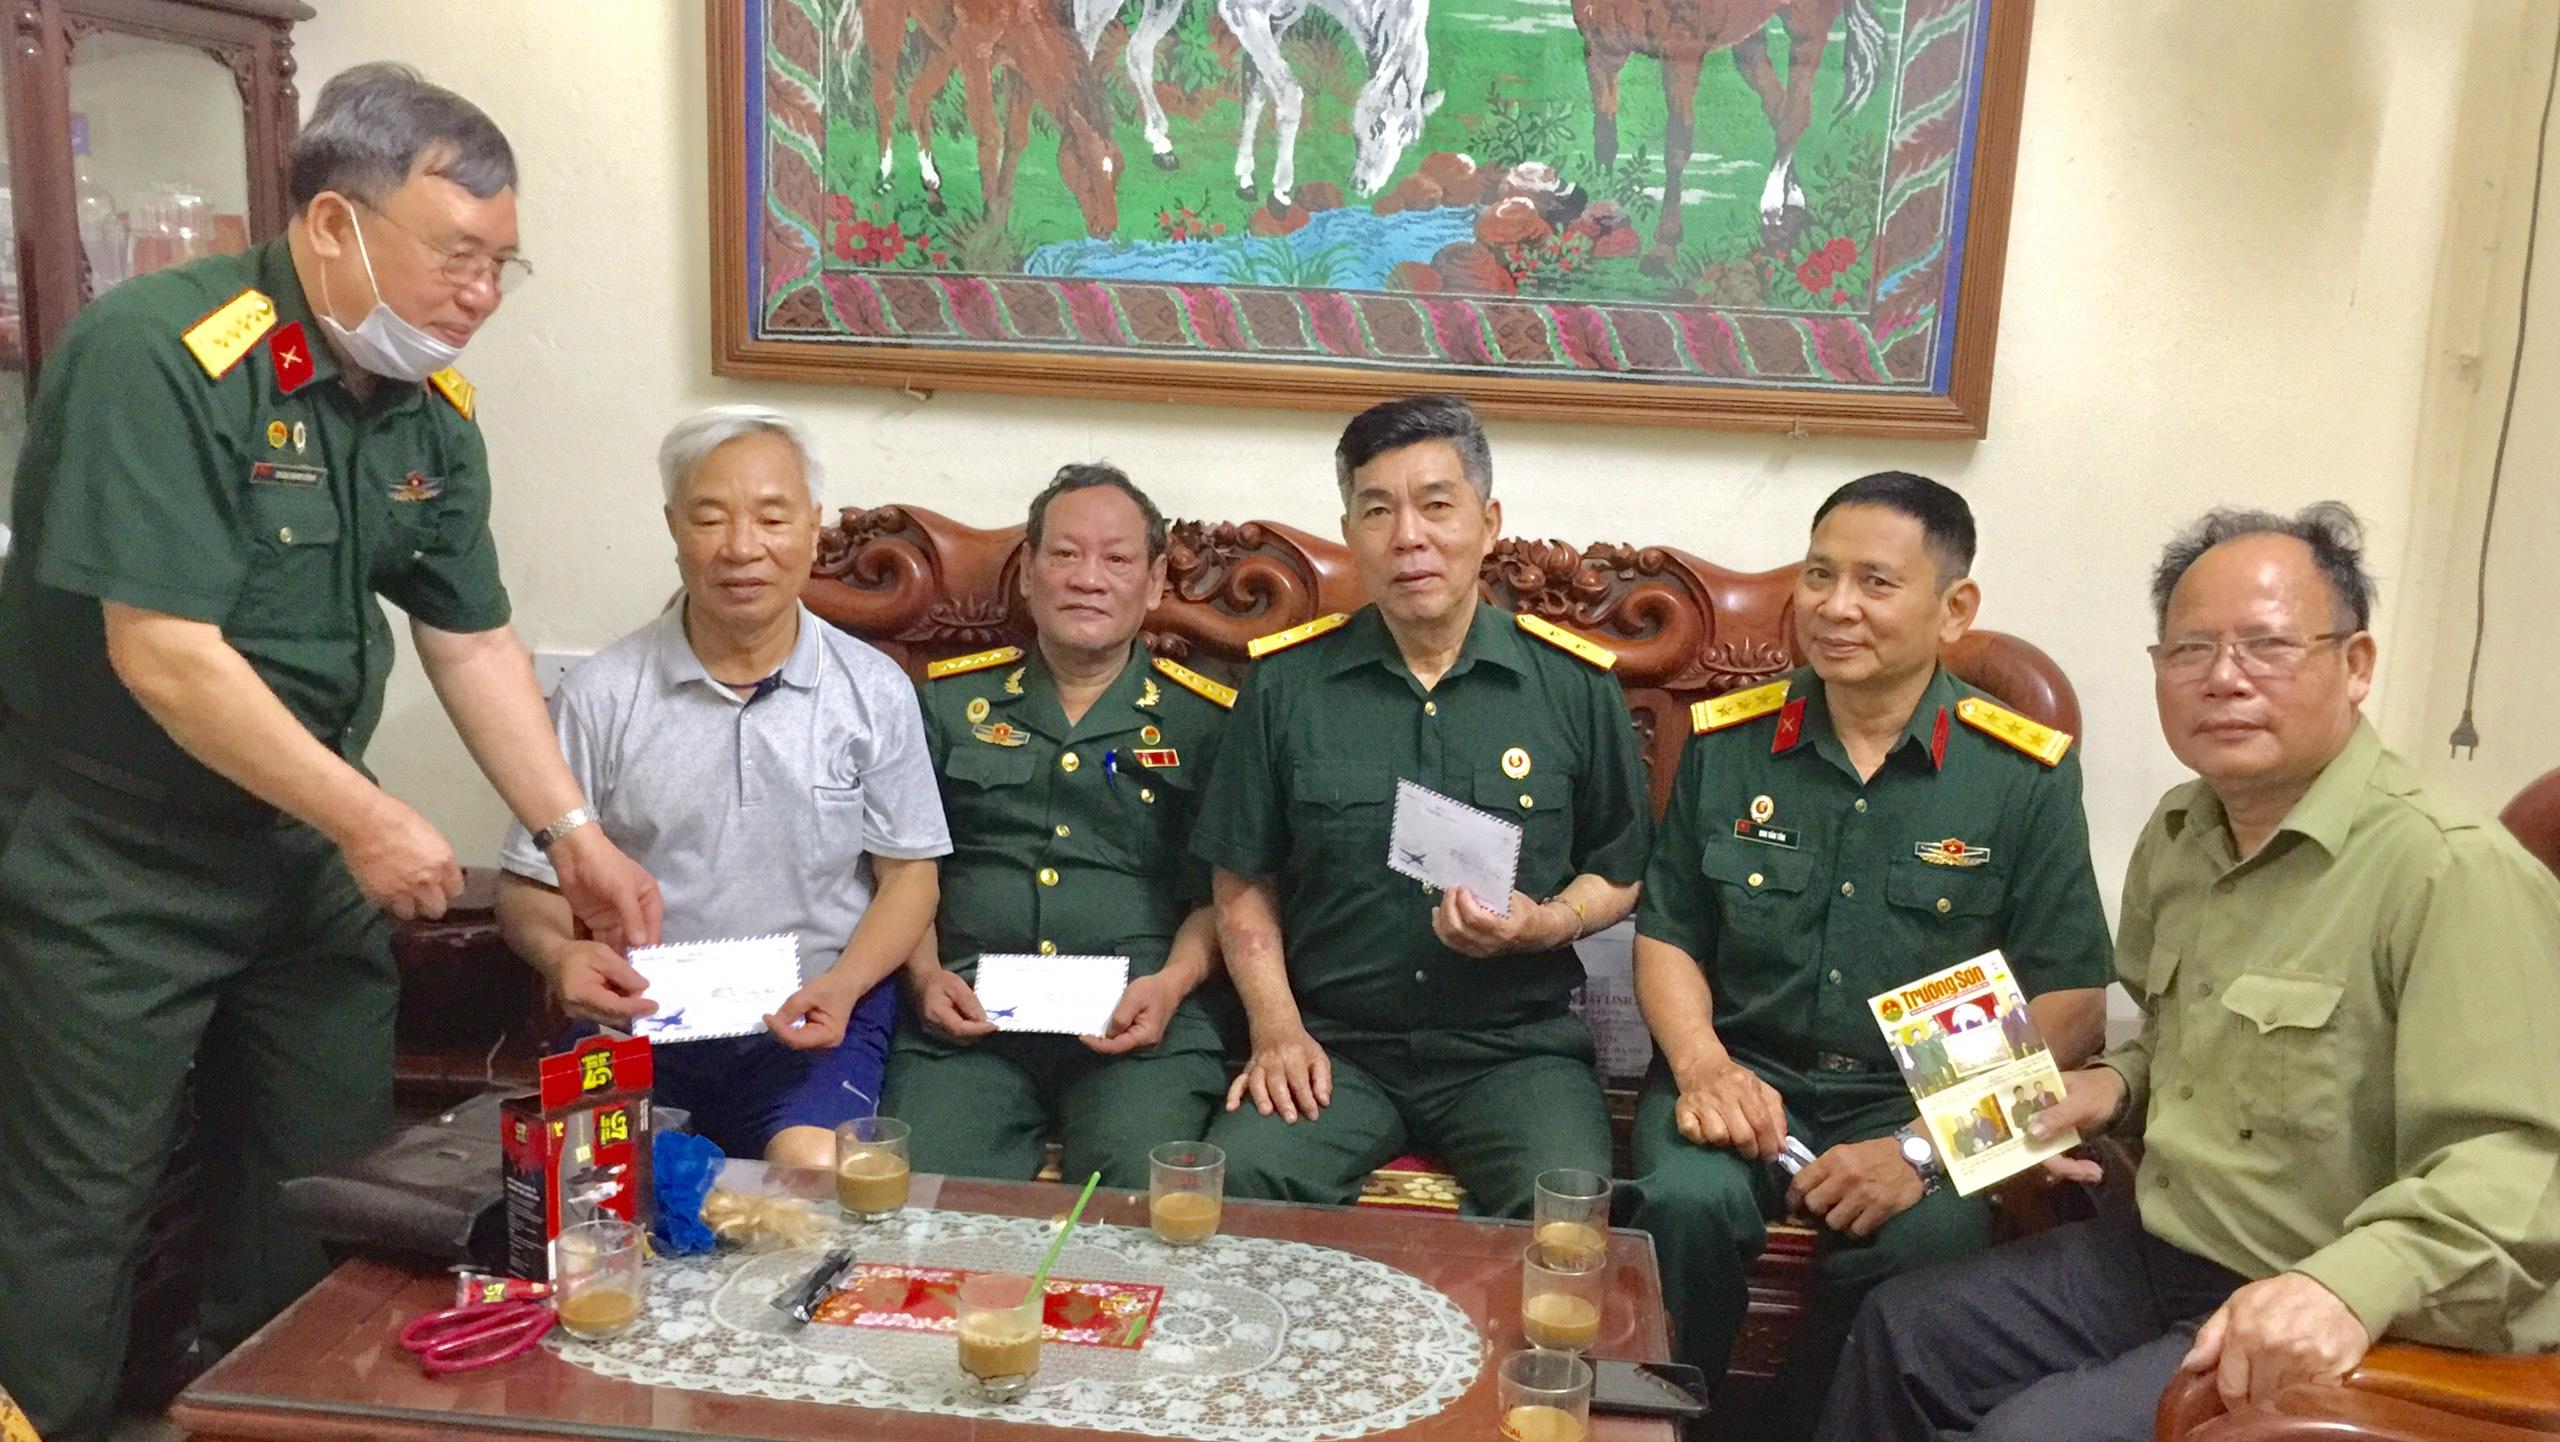 BLL Trung đoàn 17 tặng quà Hội viên và tham quan Bốt Lũ